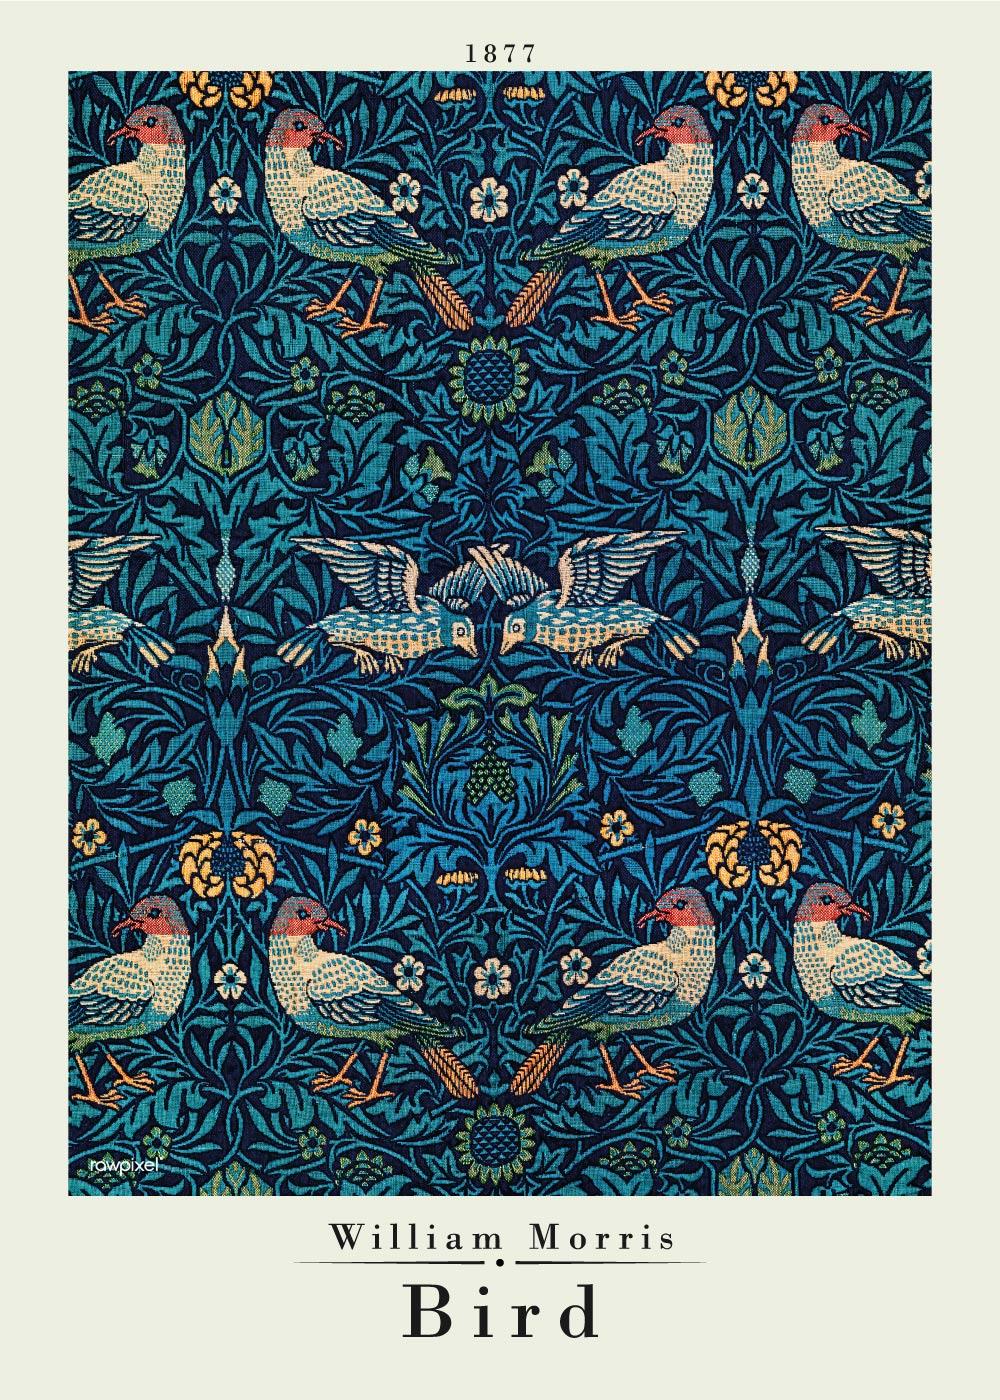 Billede af Bird - William Morris kunstplakat